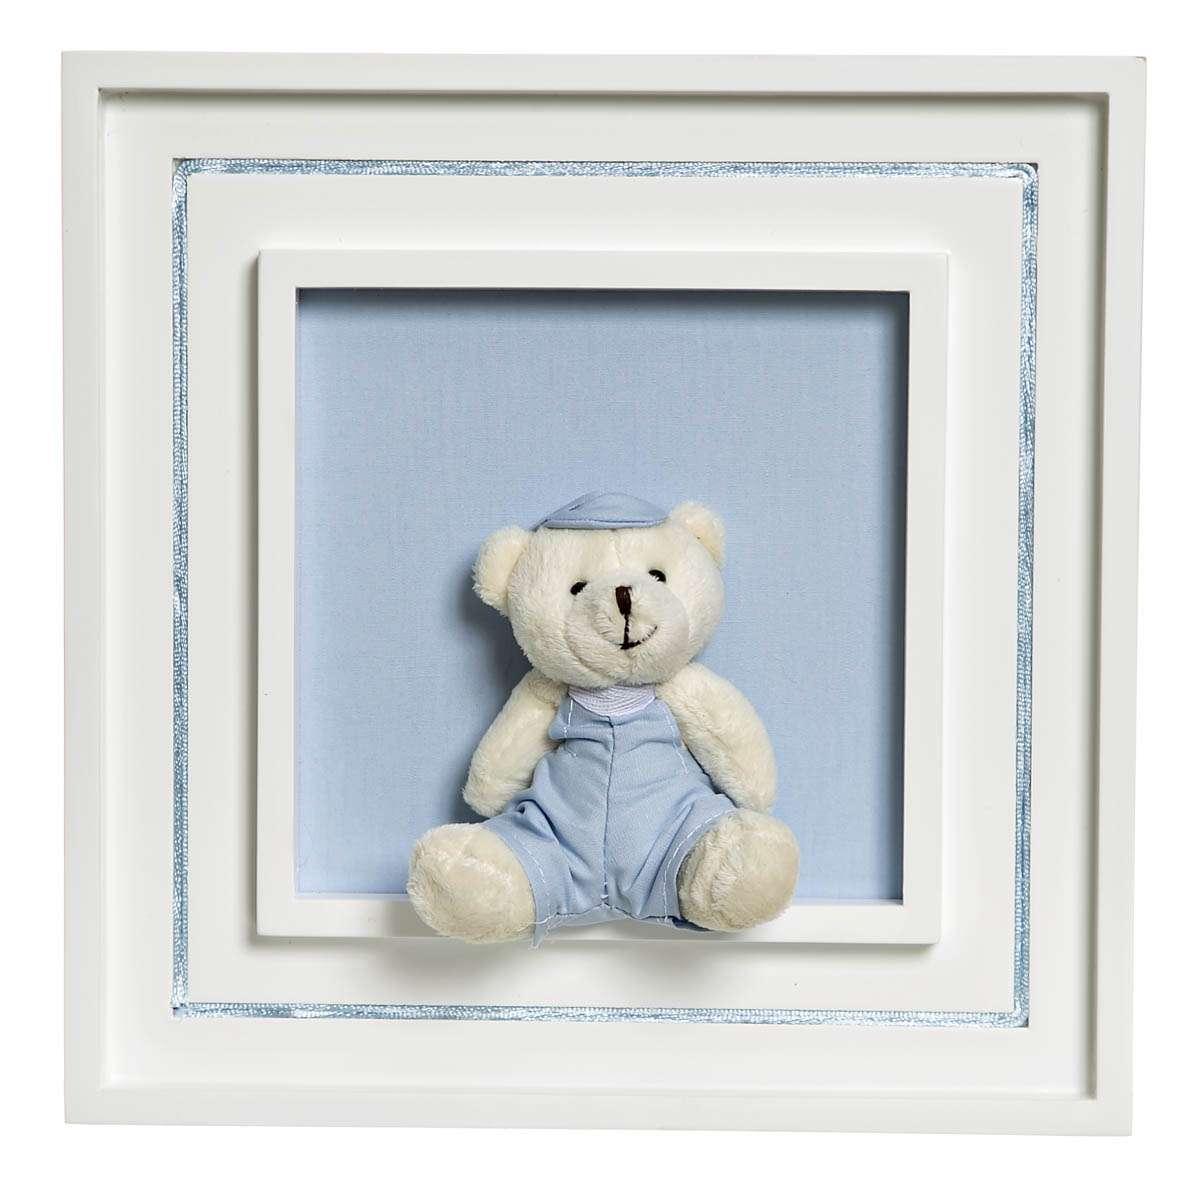 dfc6fb1fec945 Quadro Príncipe Com Urso Boné Quarto Bebê Infantil